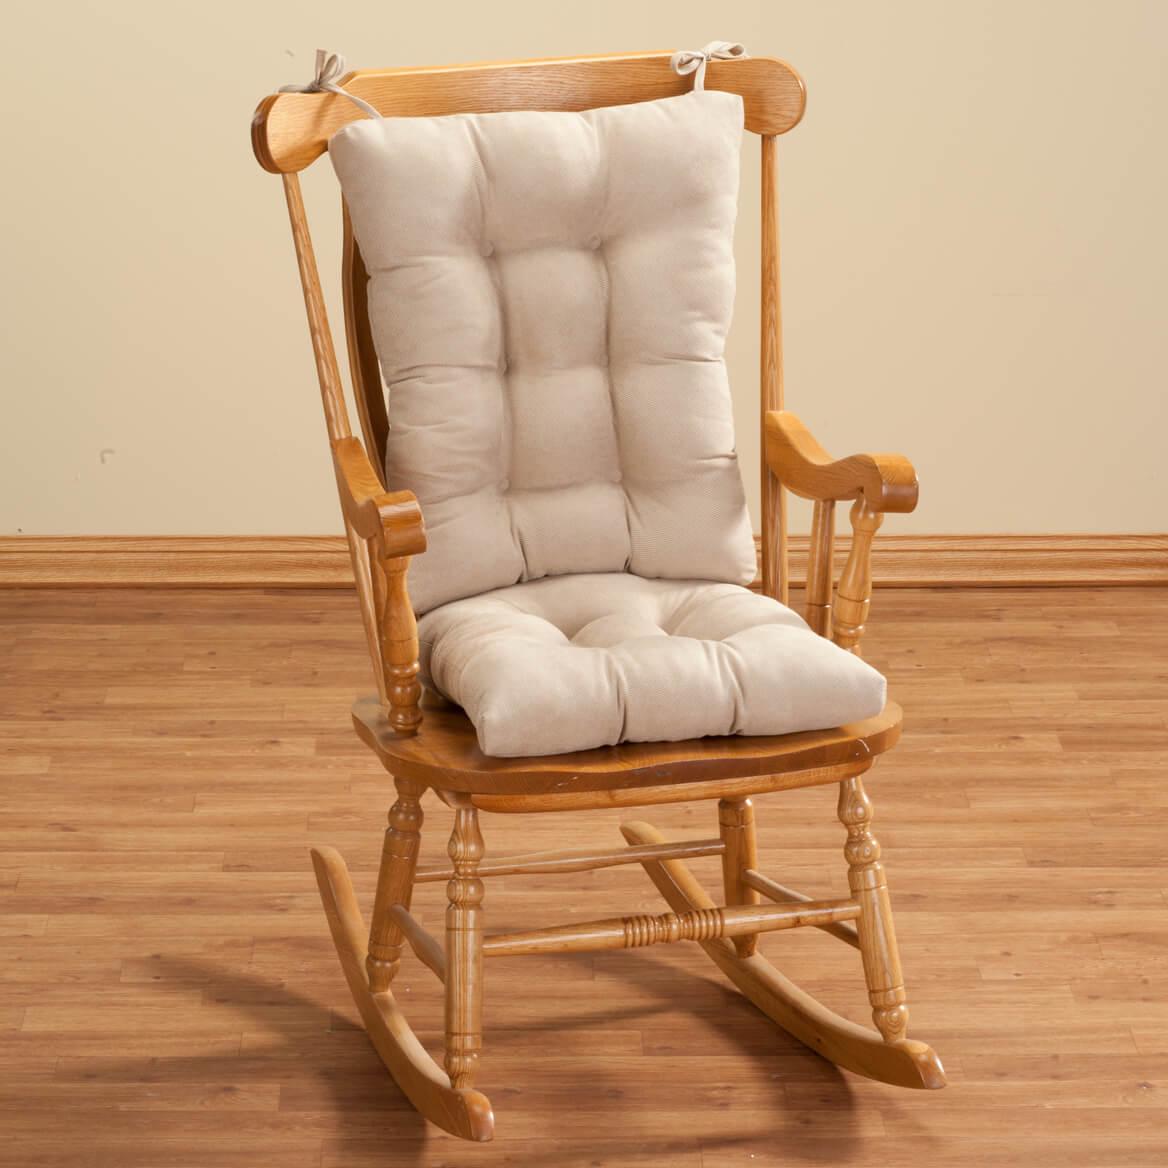 Twillo Rocking Chair Cushion Set  Rocking Chair Cushion